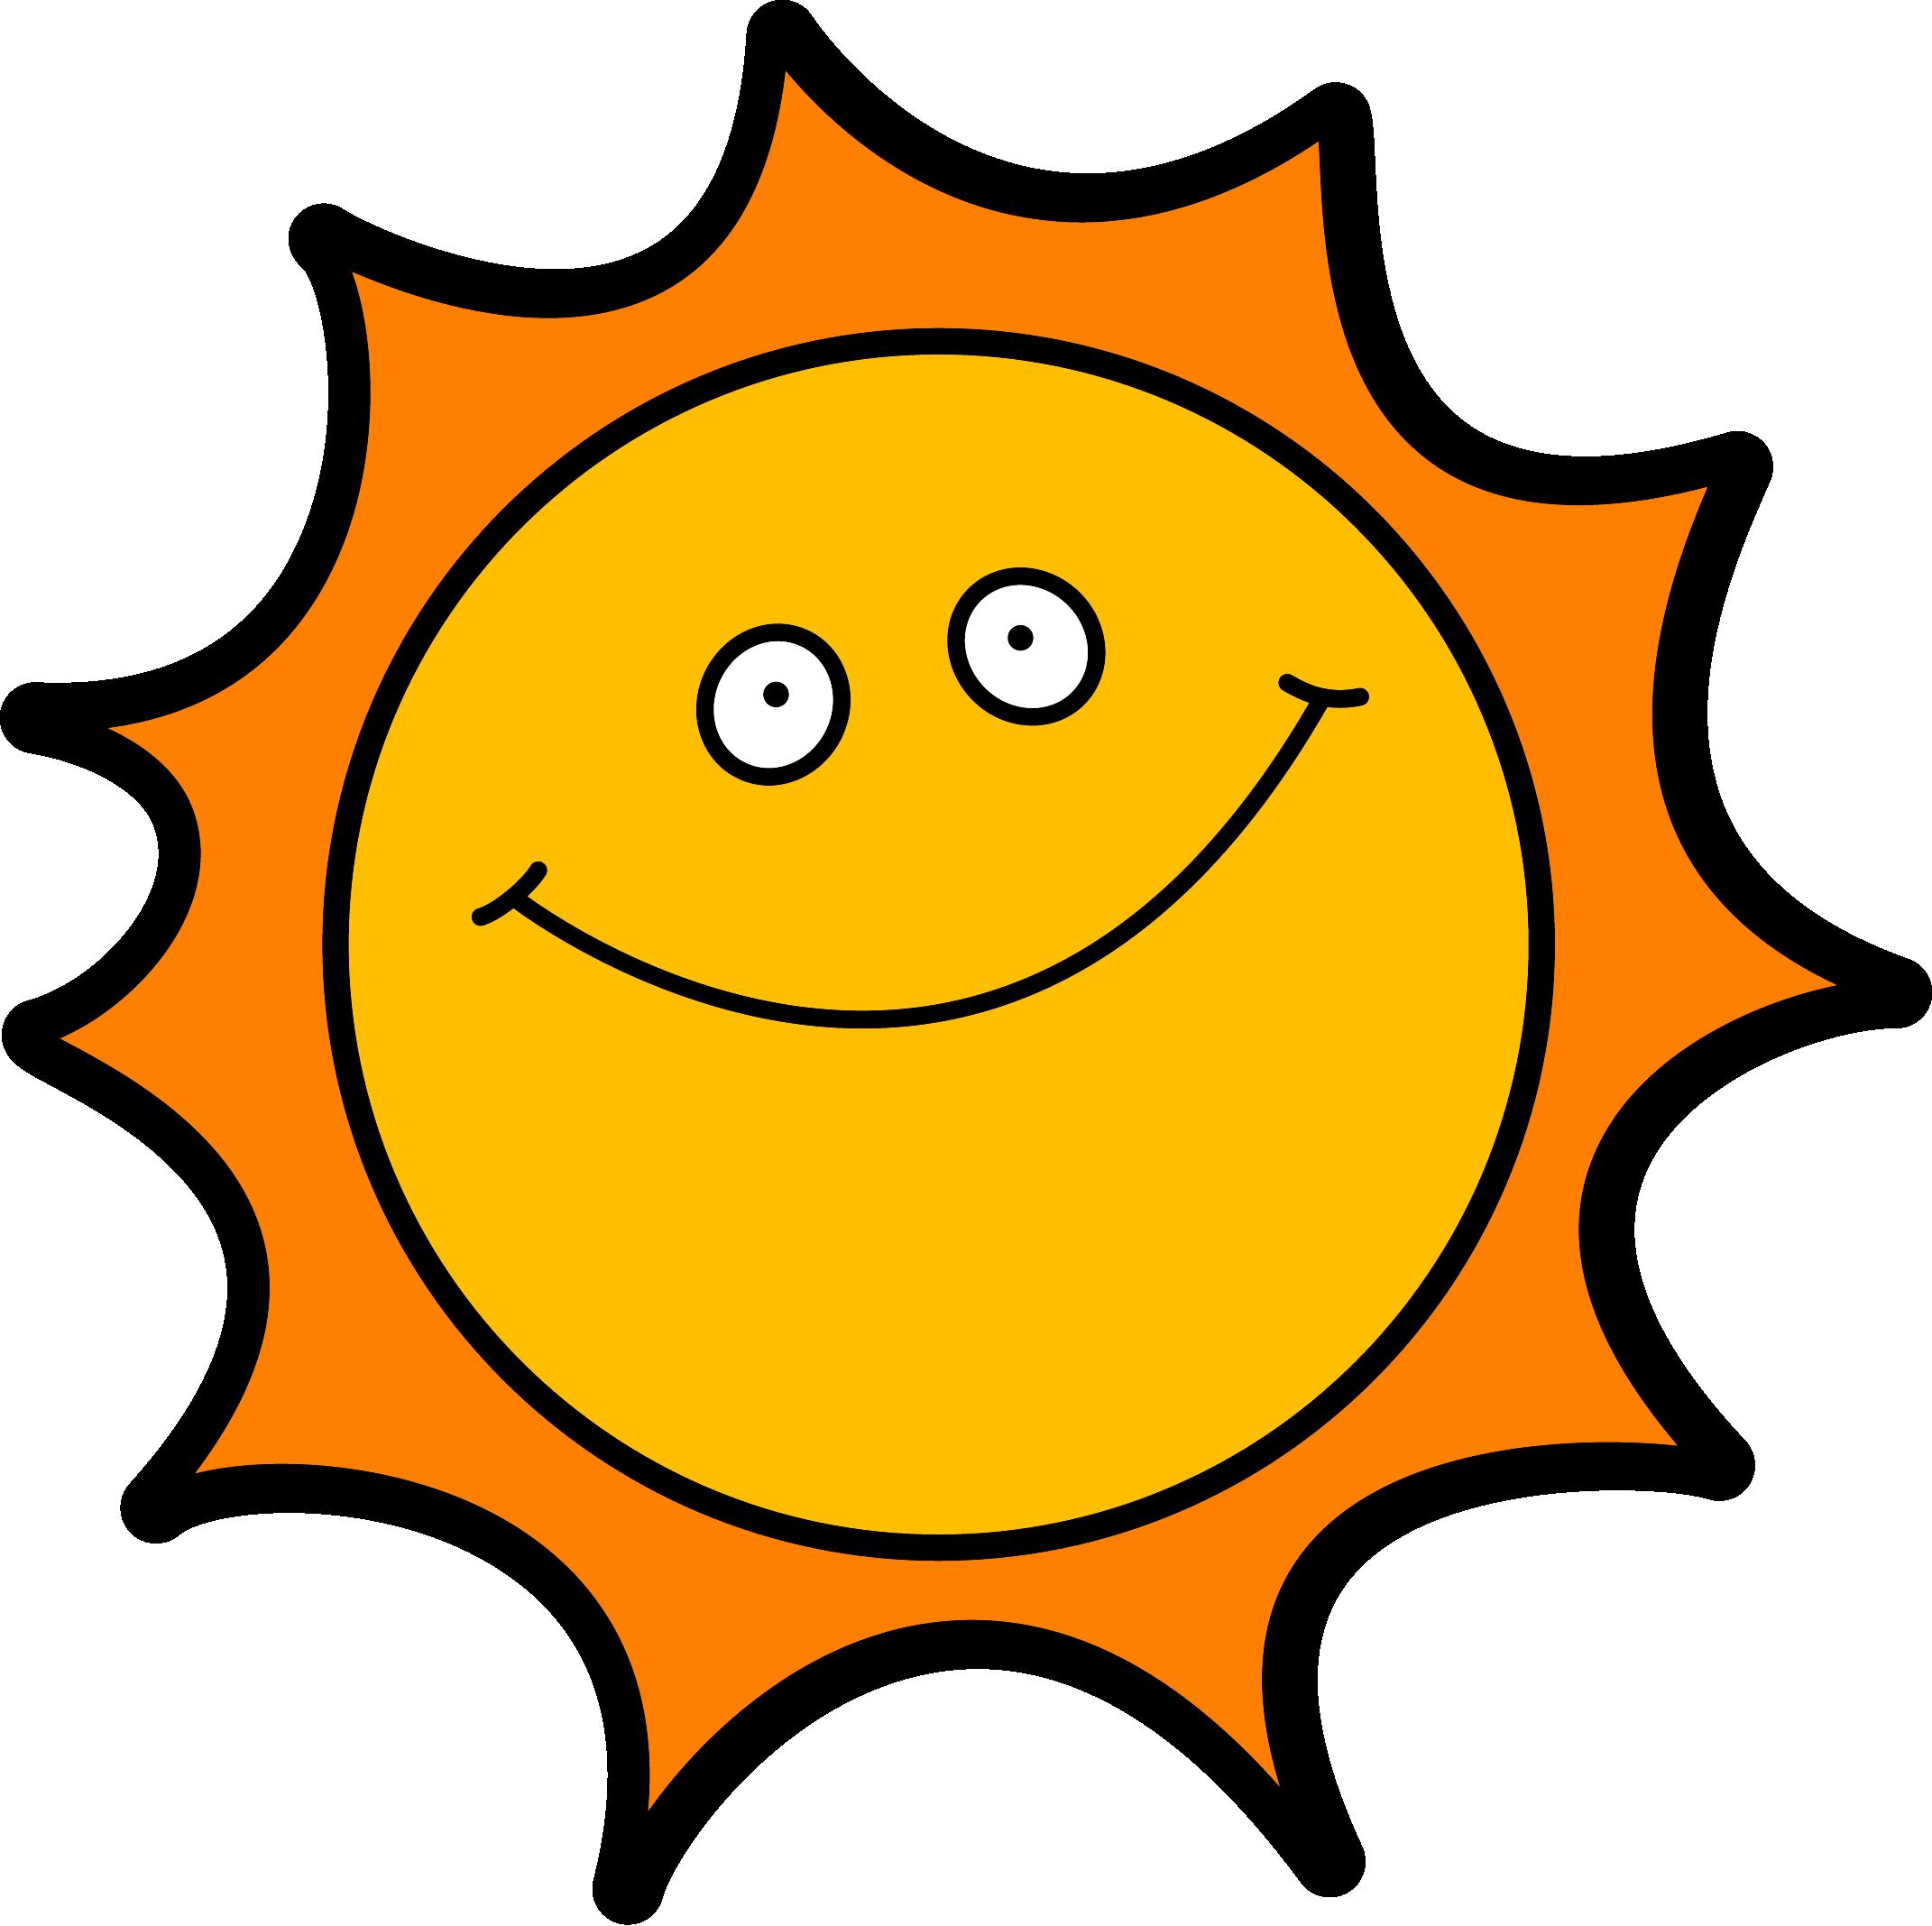 Sunshine sun clipart